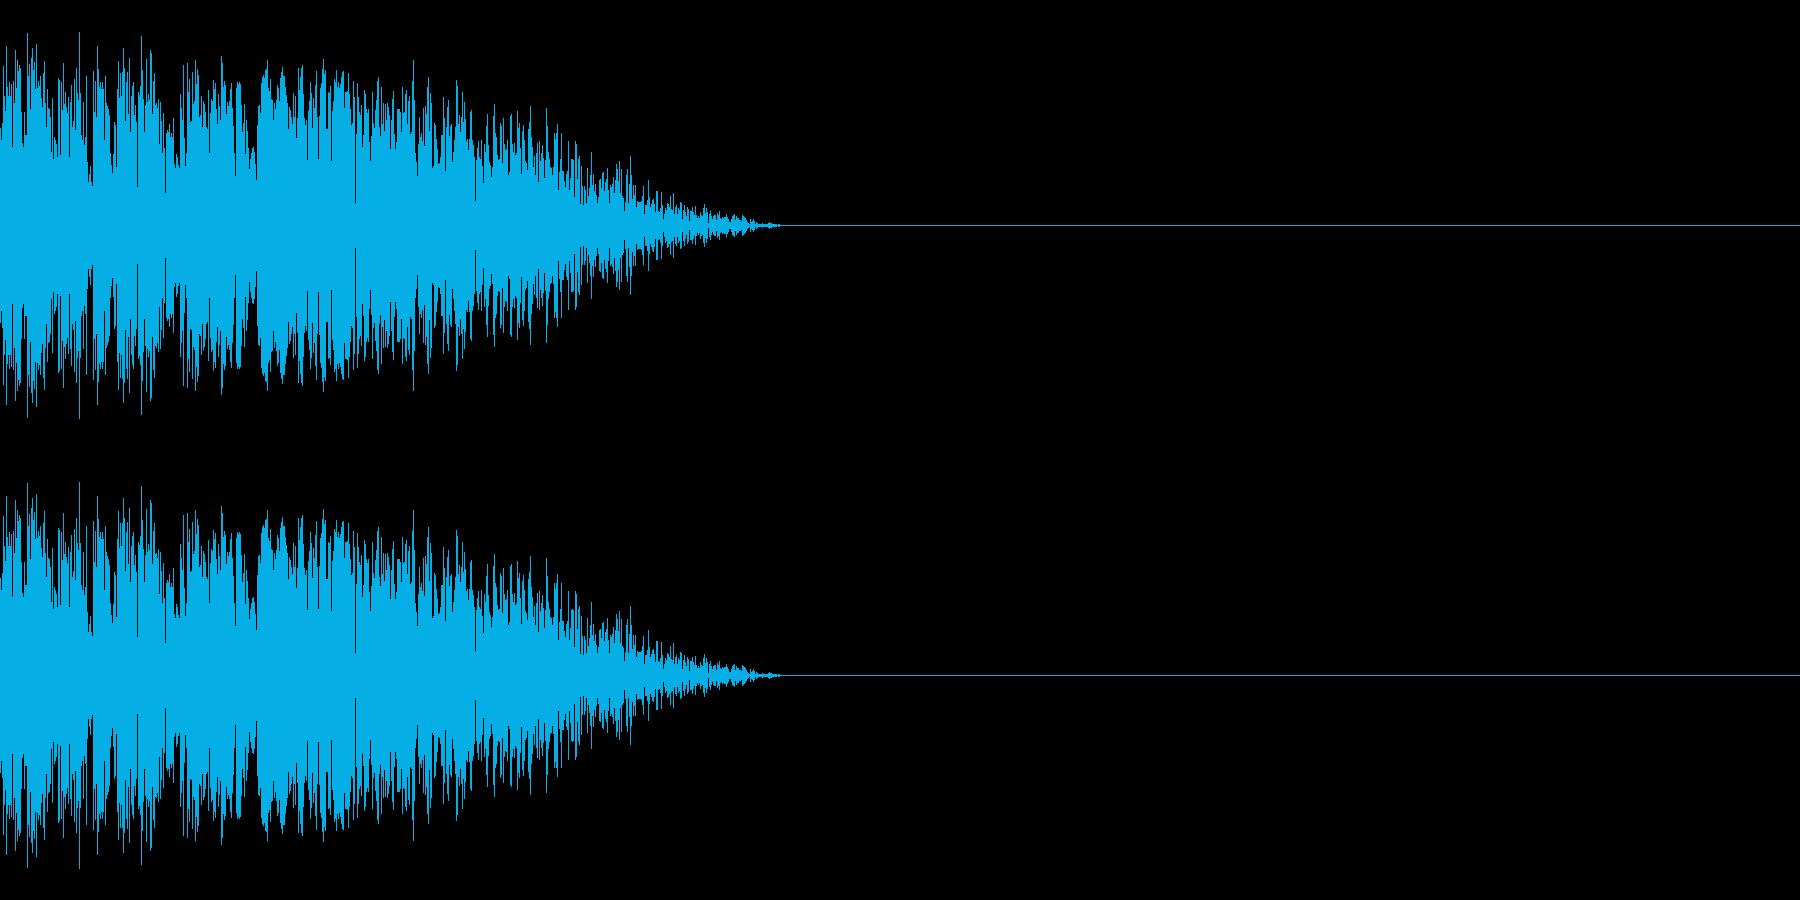 まぬけな斬撃音(ミス/剣/ナイフ)の再生済みの波形